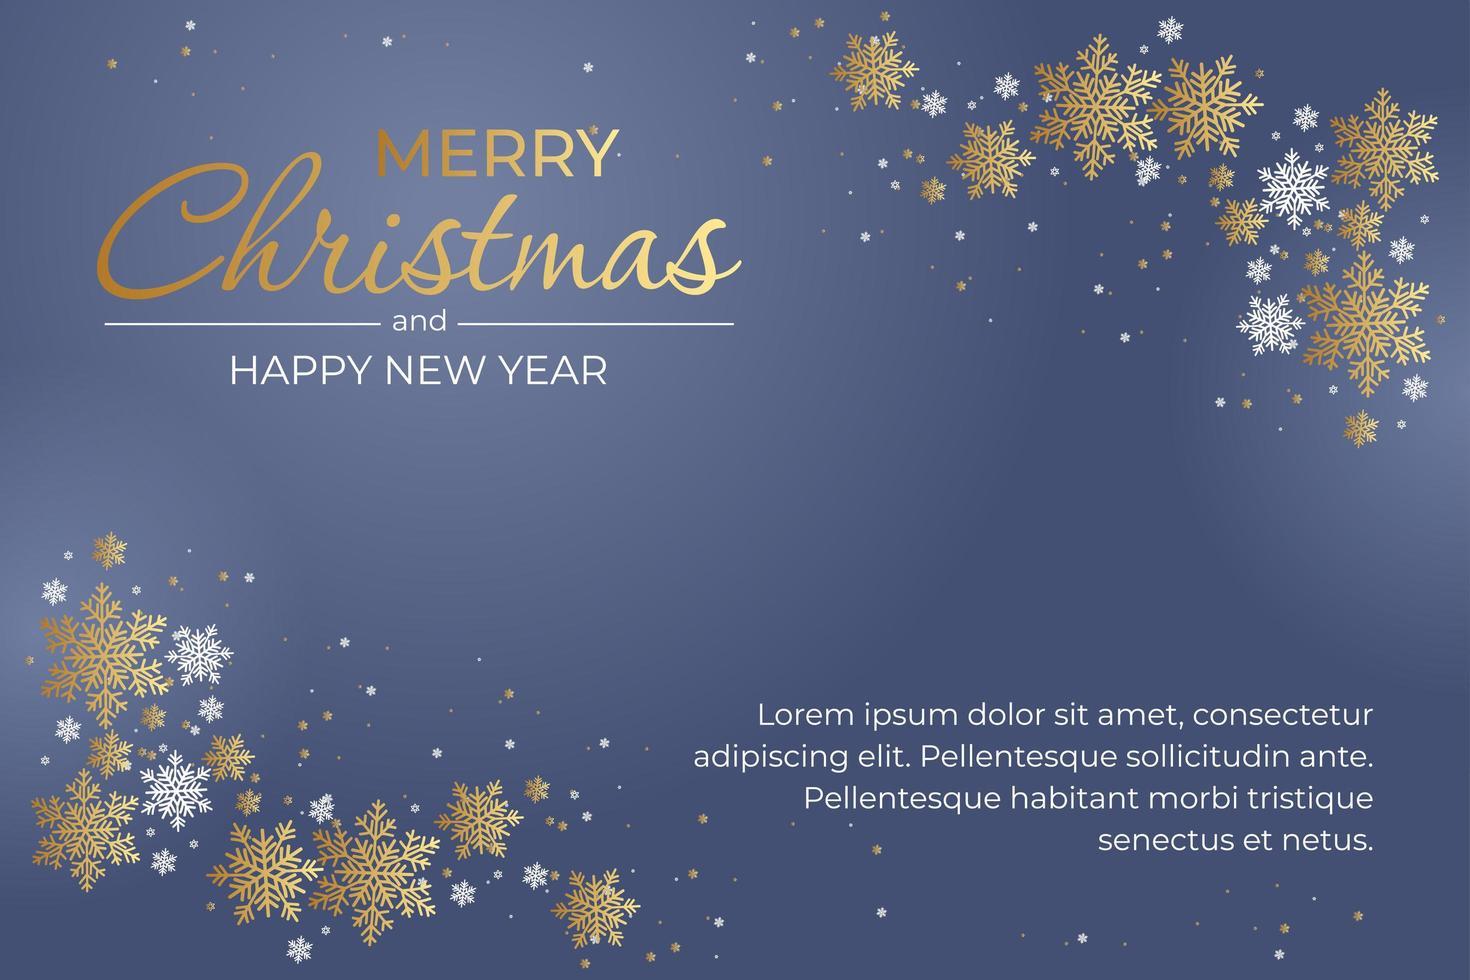 vrolijk kerstfeest wenskaart met sneeuwvlokken op blauw vector